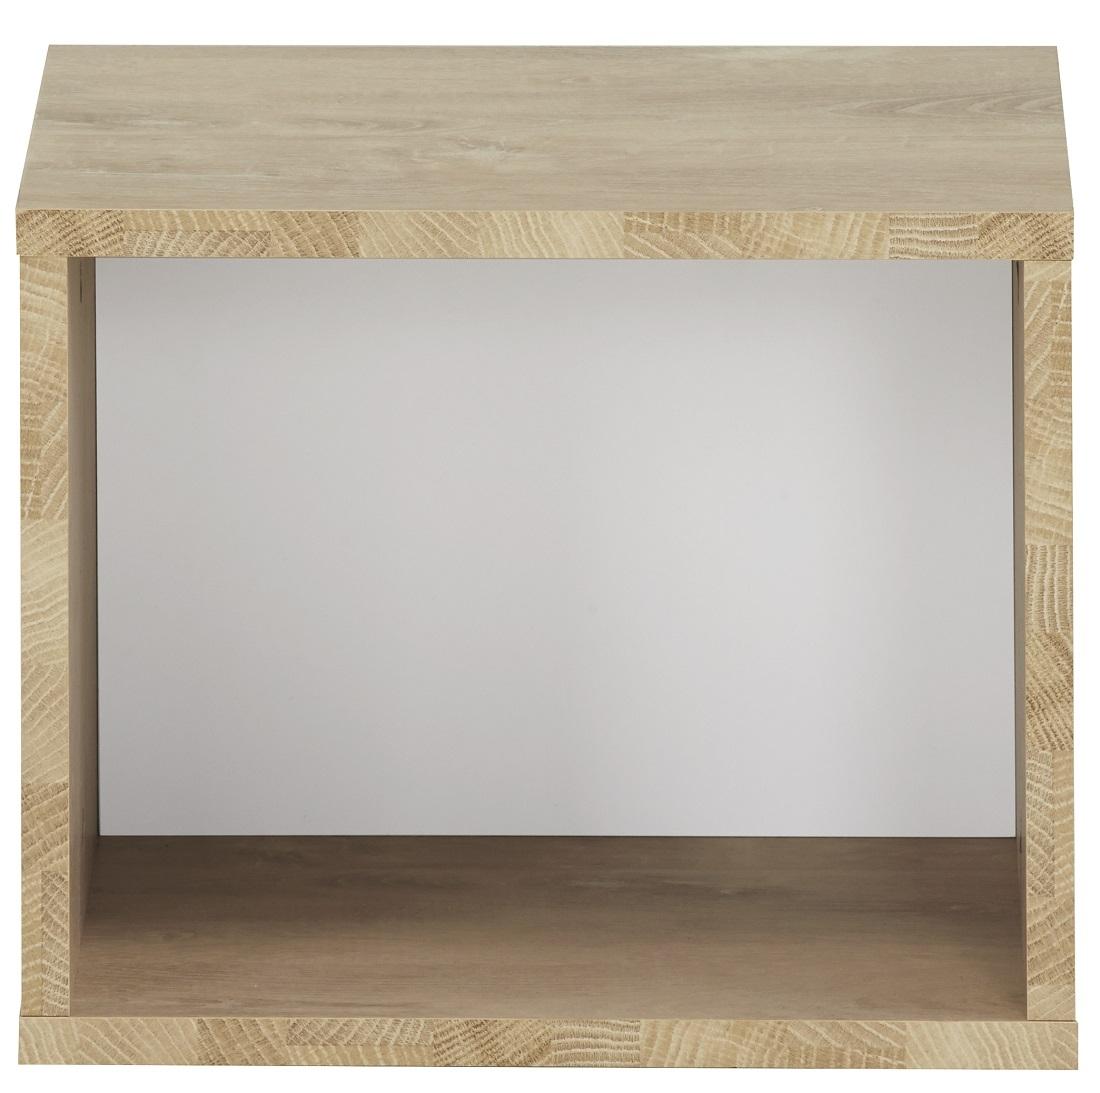 Wandrek Larvik 36 cm breed in eiken | Gamillo Furniture